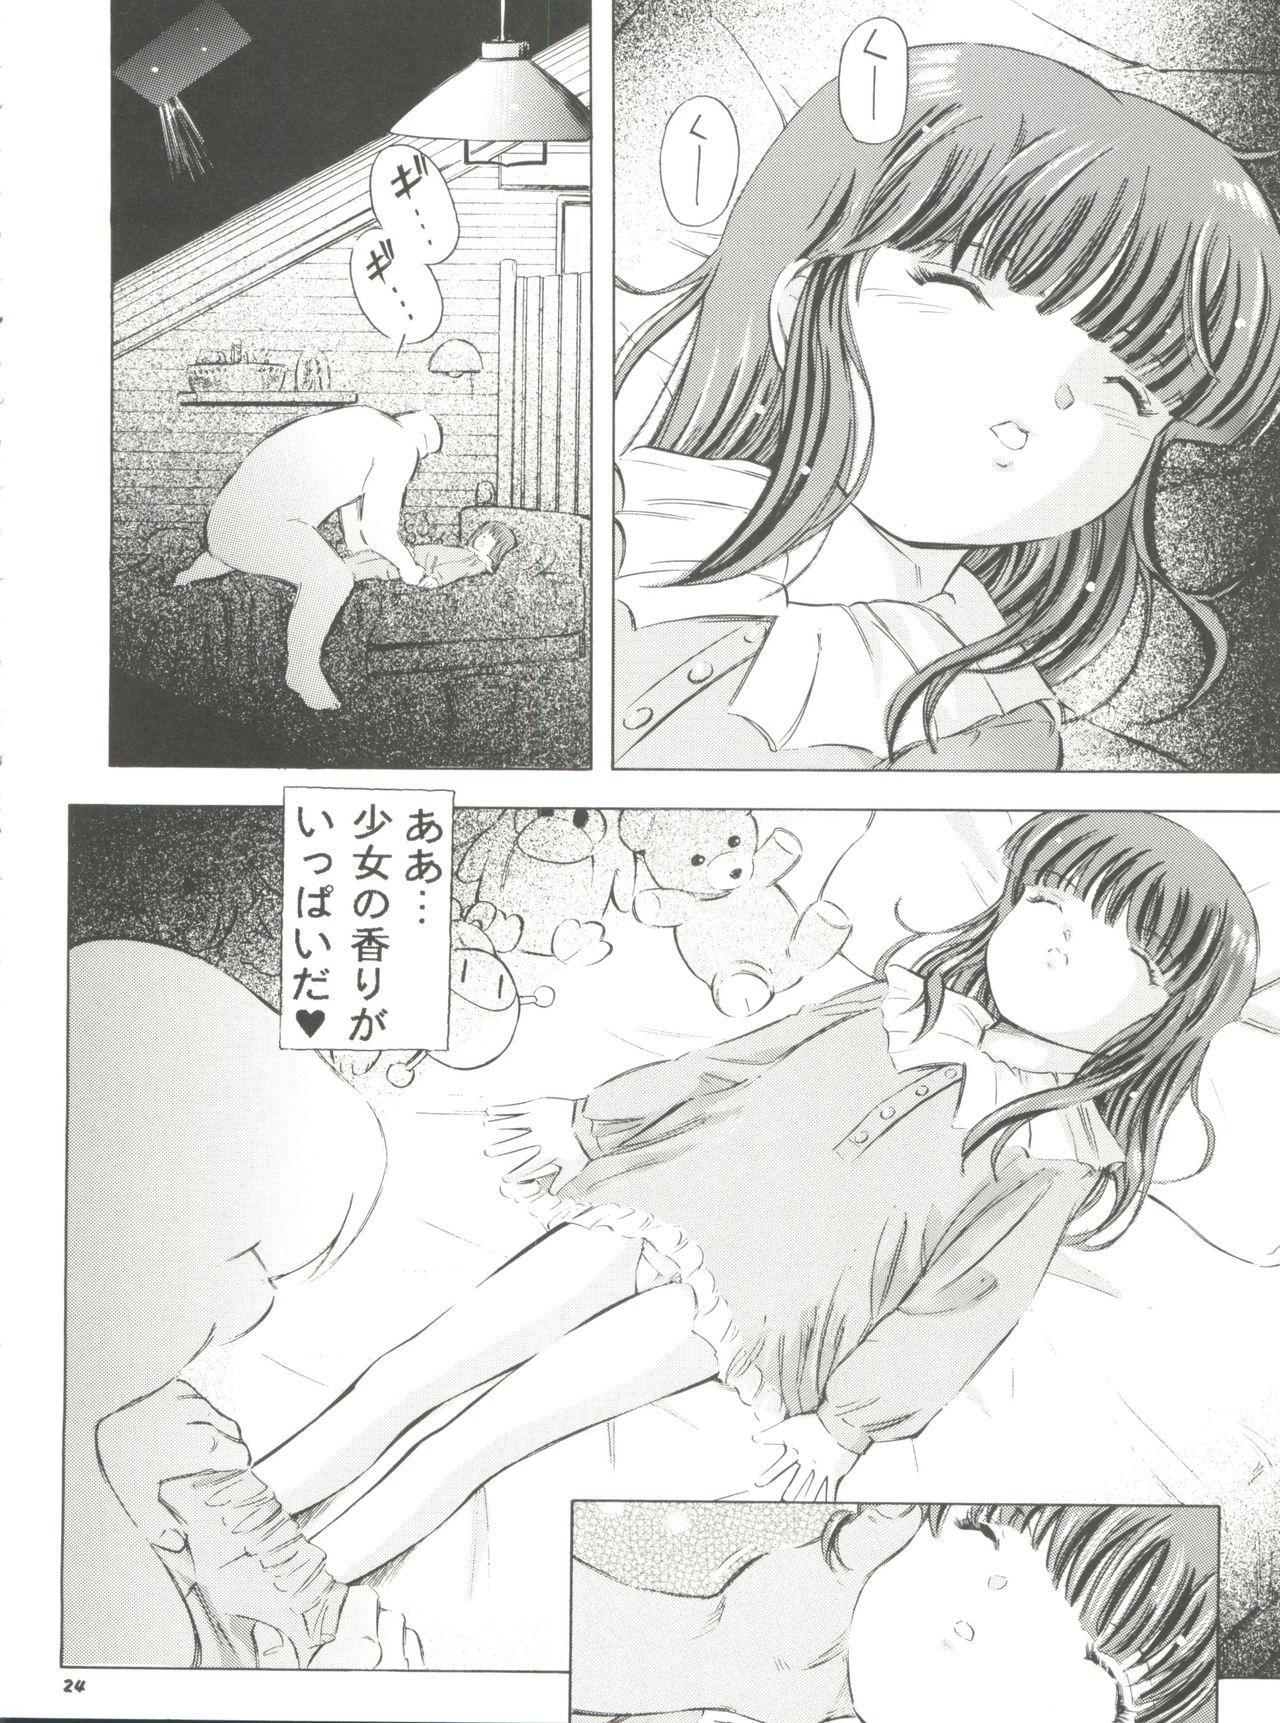 Mahou Kyuushiki 8 - Magical Classic 8 23